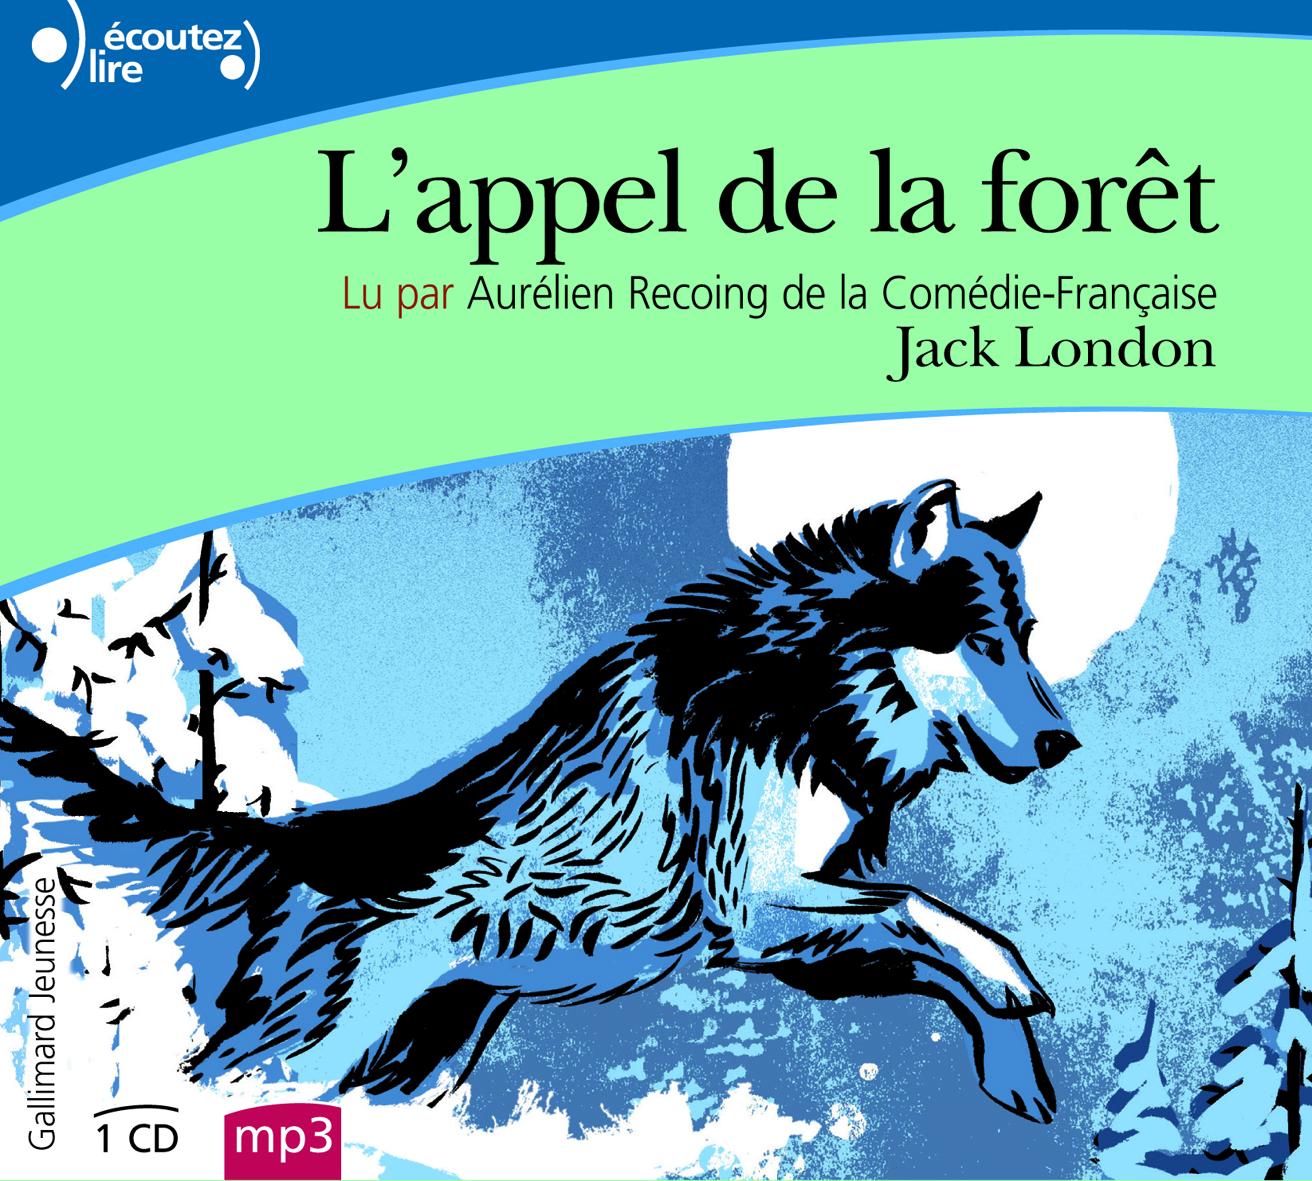 Favori L'appel de la forêt - Écoutez lire - GALLIMARD JEUNESSE - Site  MJ51